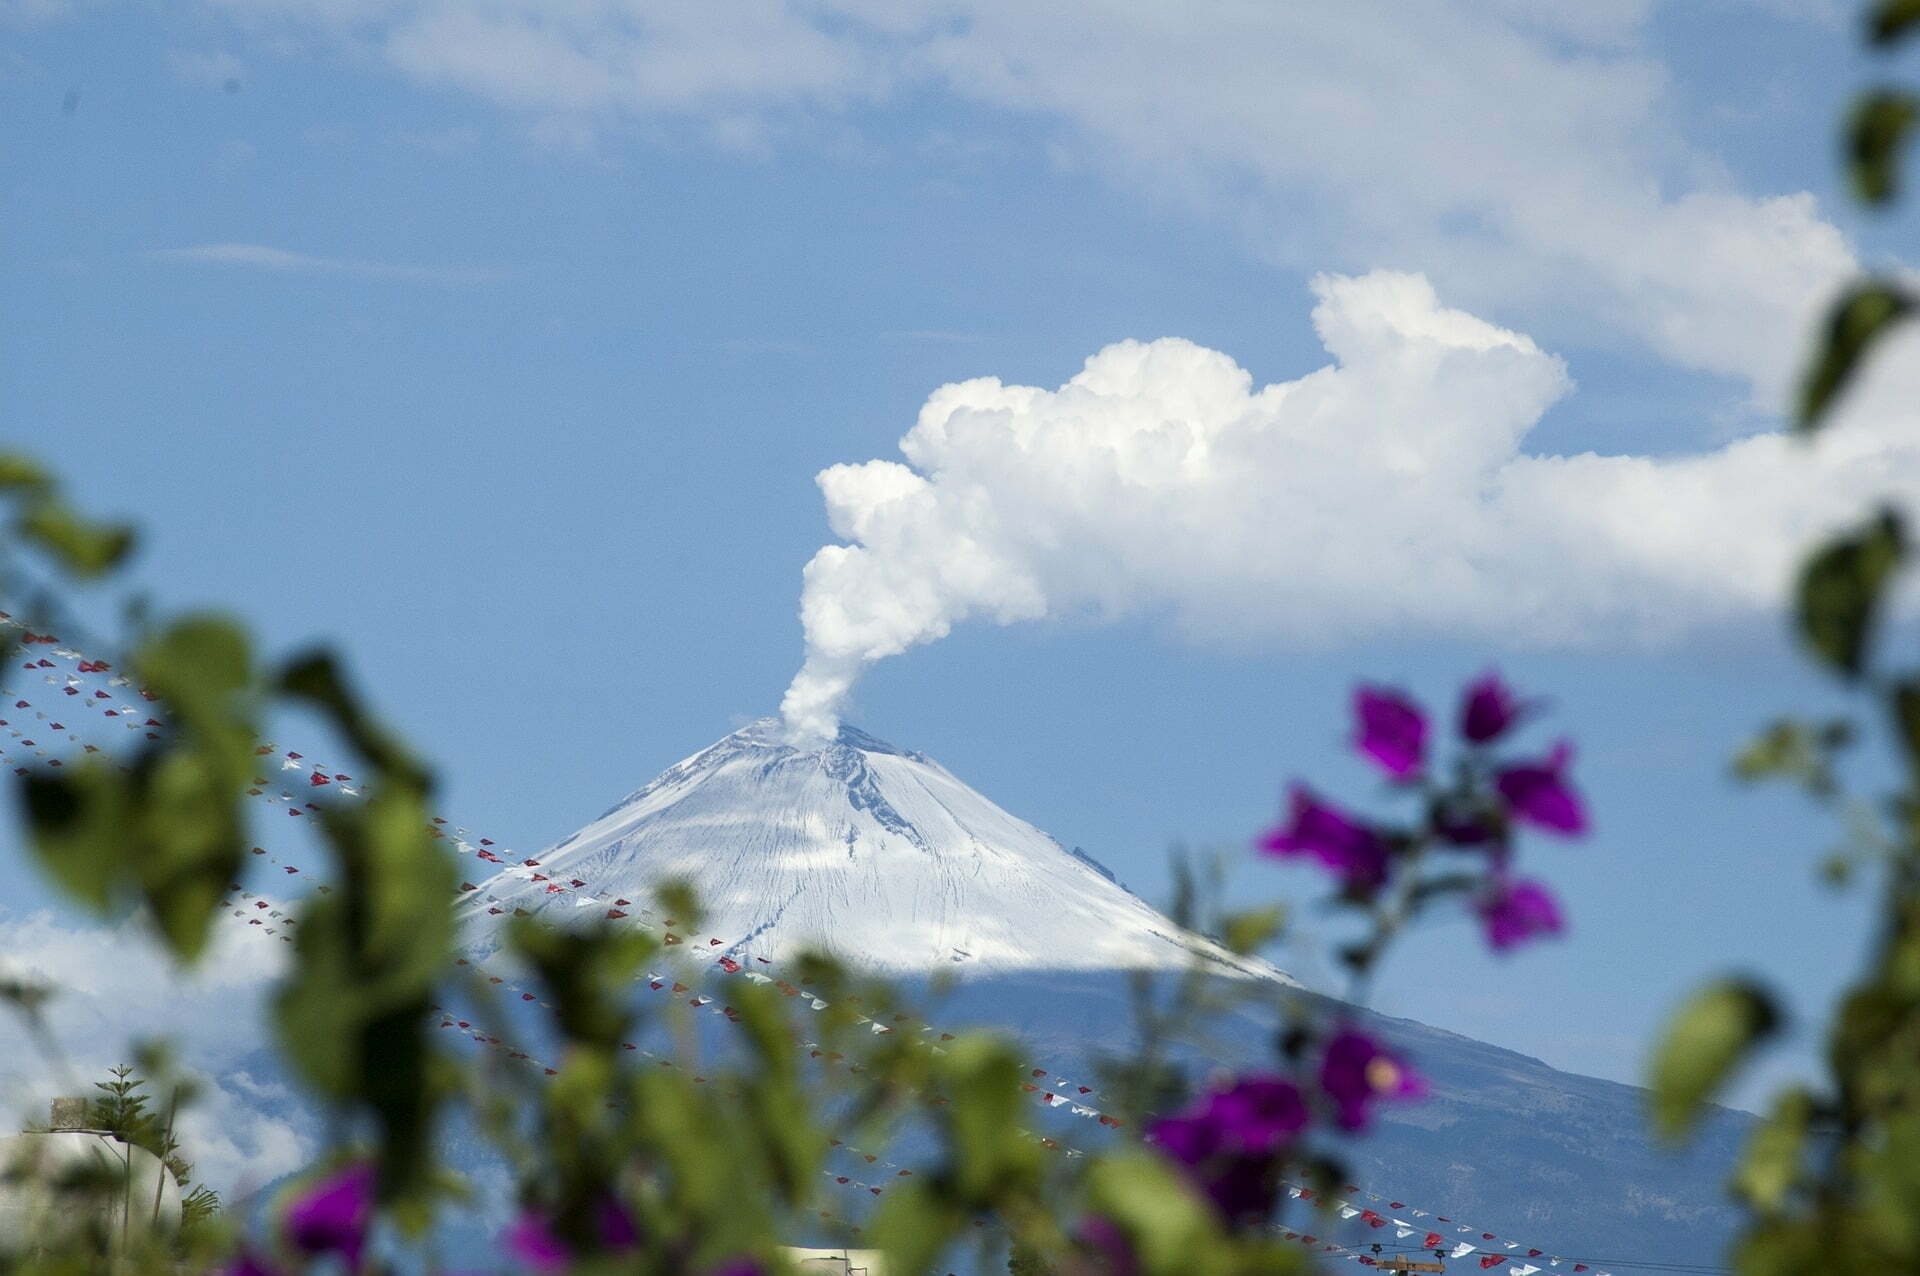 Stel trouwt aan de voet van uitbarstende vulkaan